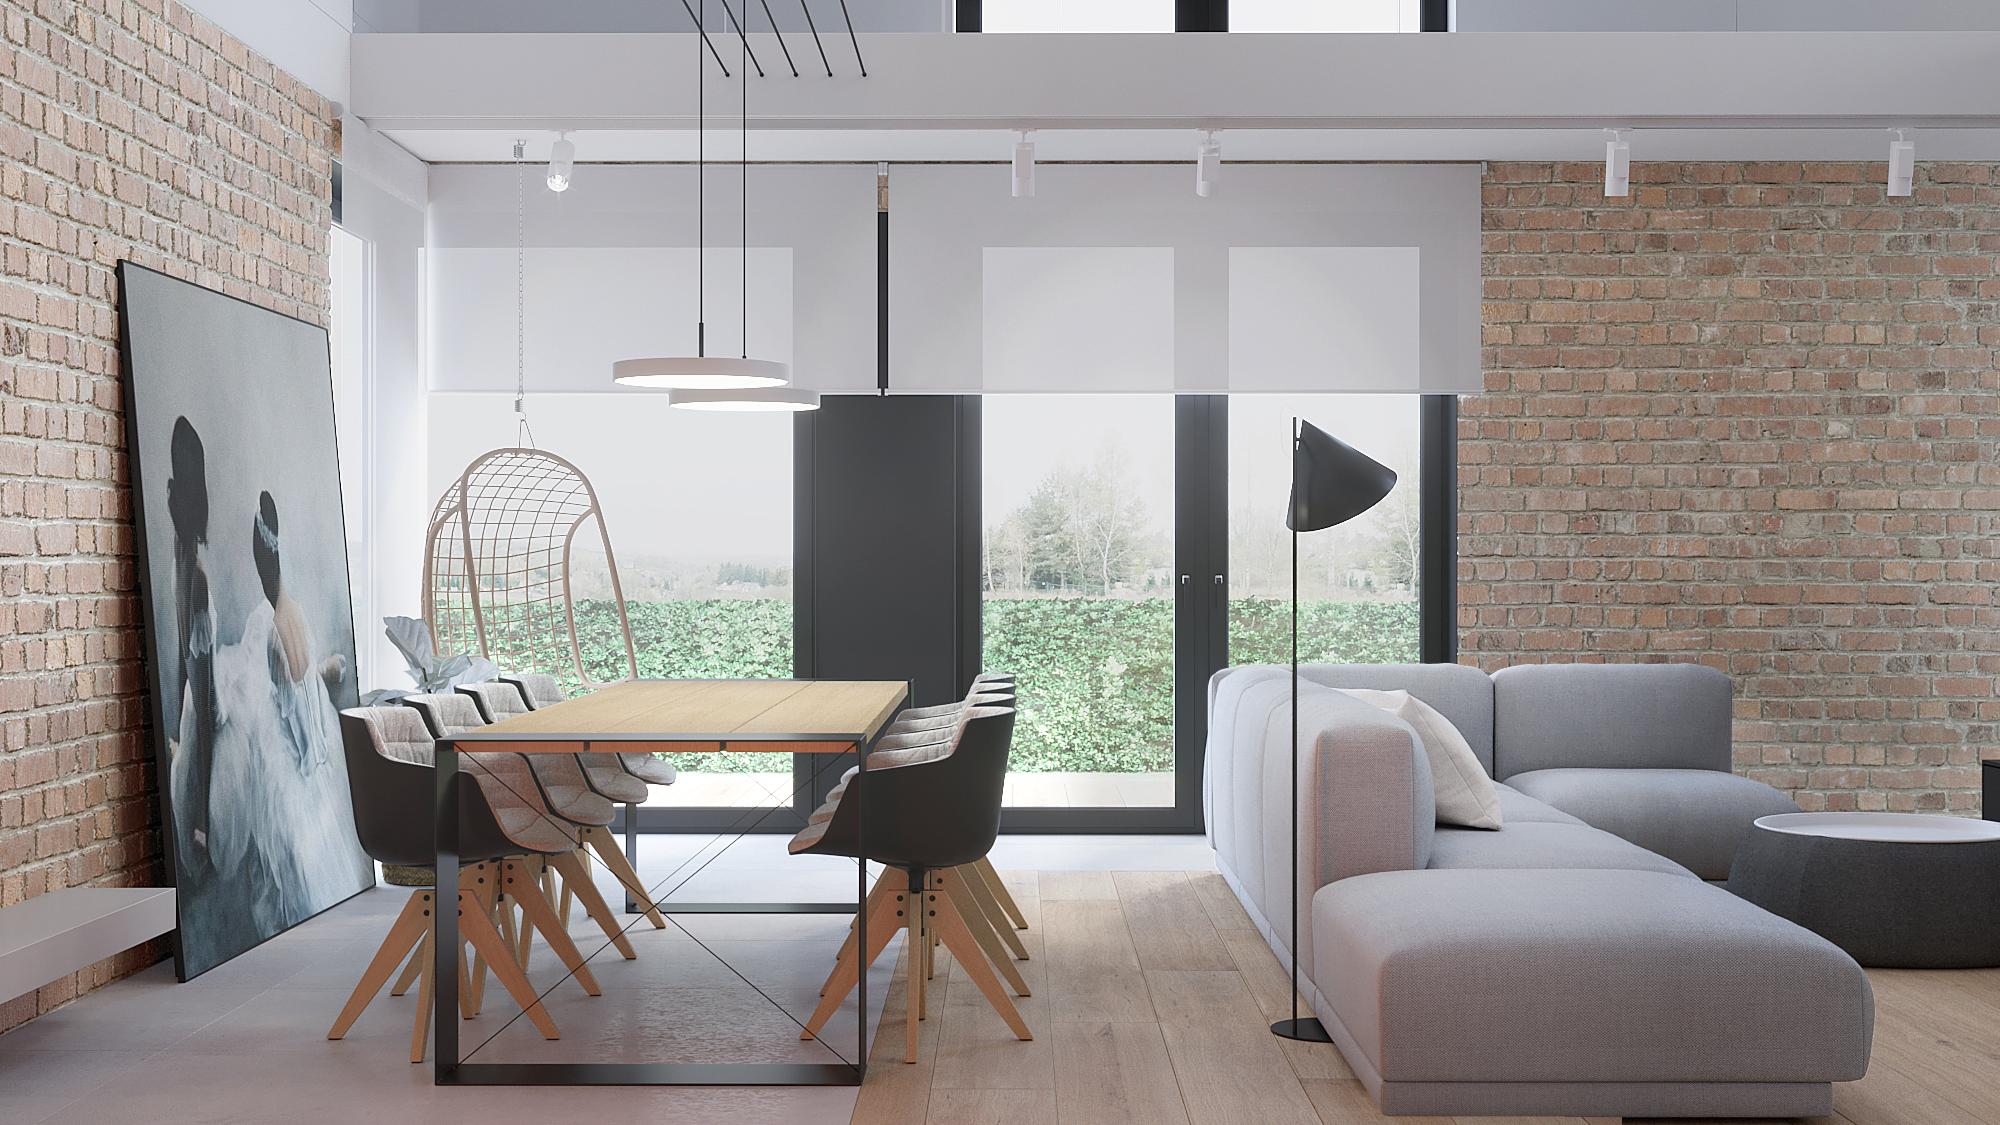 2 architekt wnetrz D428 dom Ruda Slaska salon z jadalnia drewnani stol na metalowych nogach krzesla kubelkowe hustwaka cagla na scianie